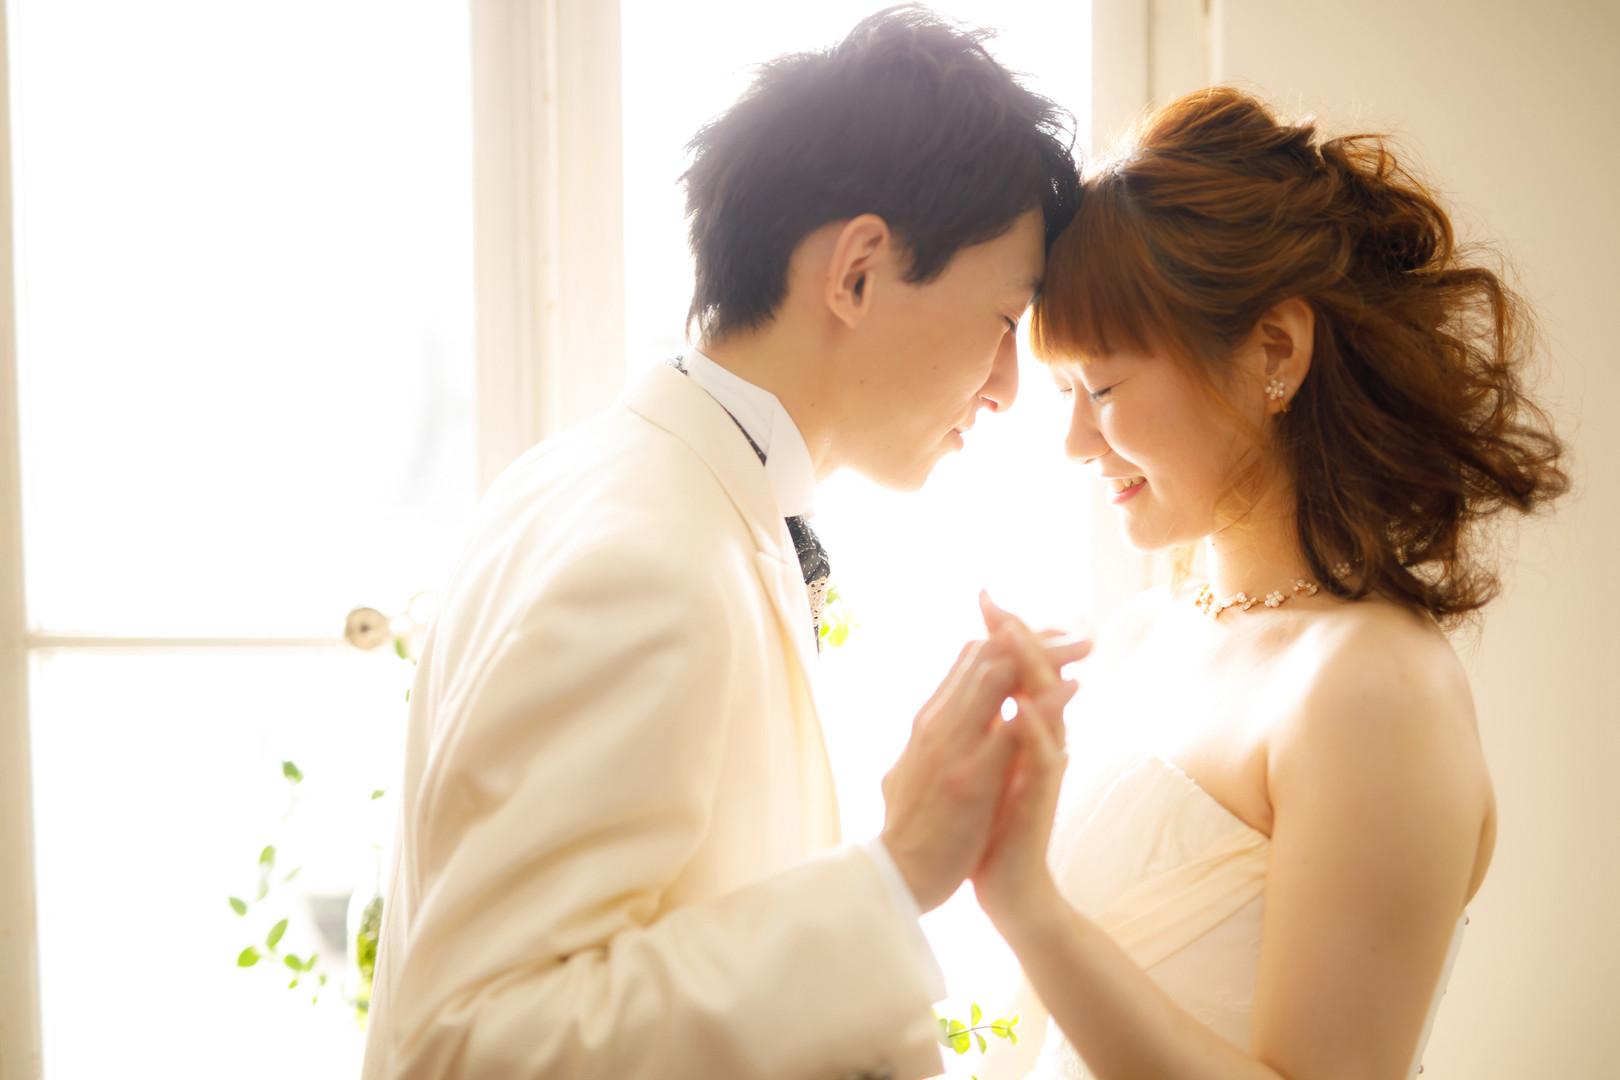 AHAHA WEDDING